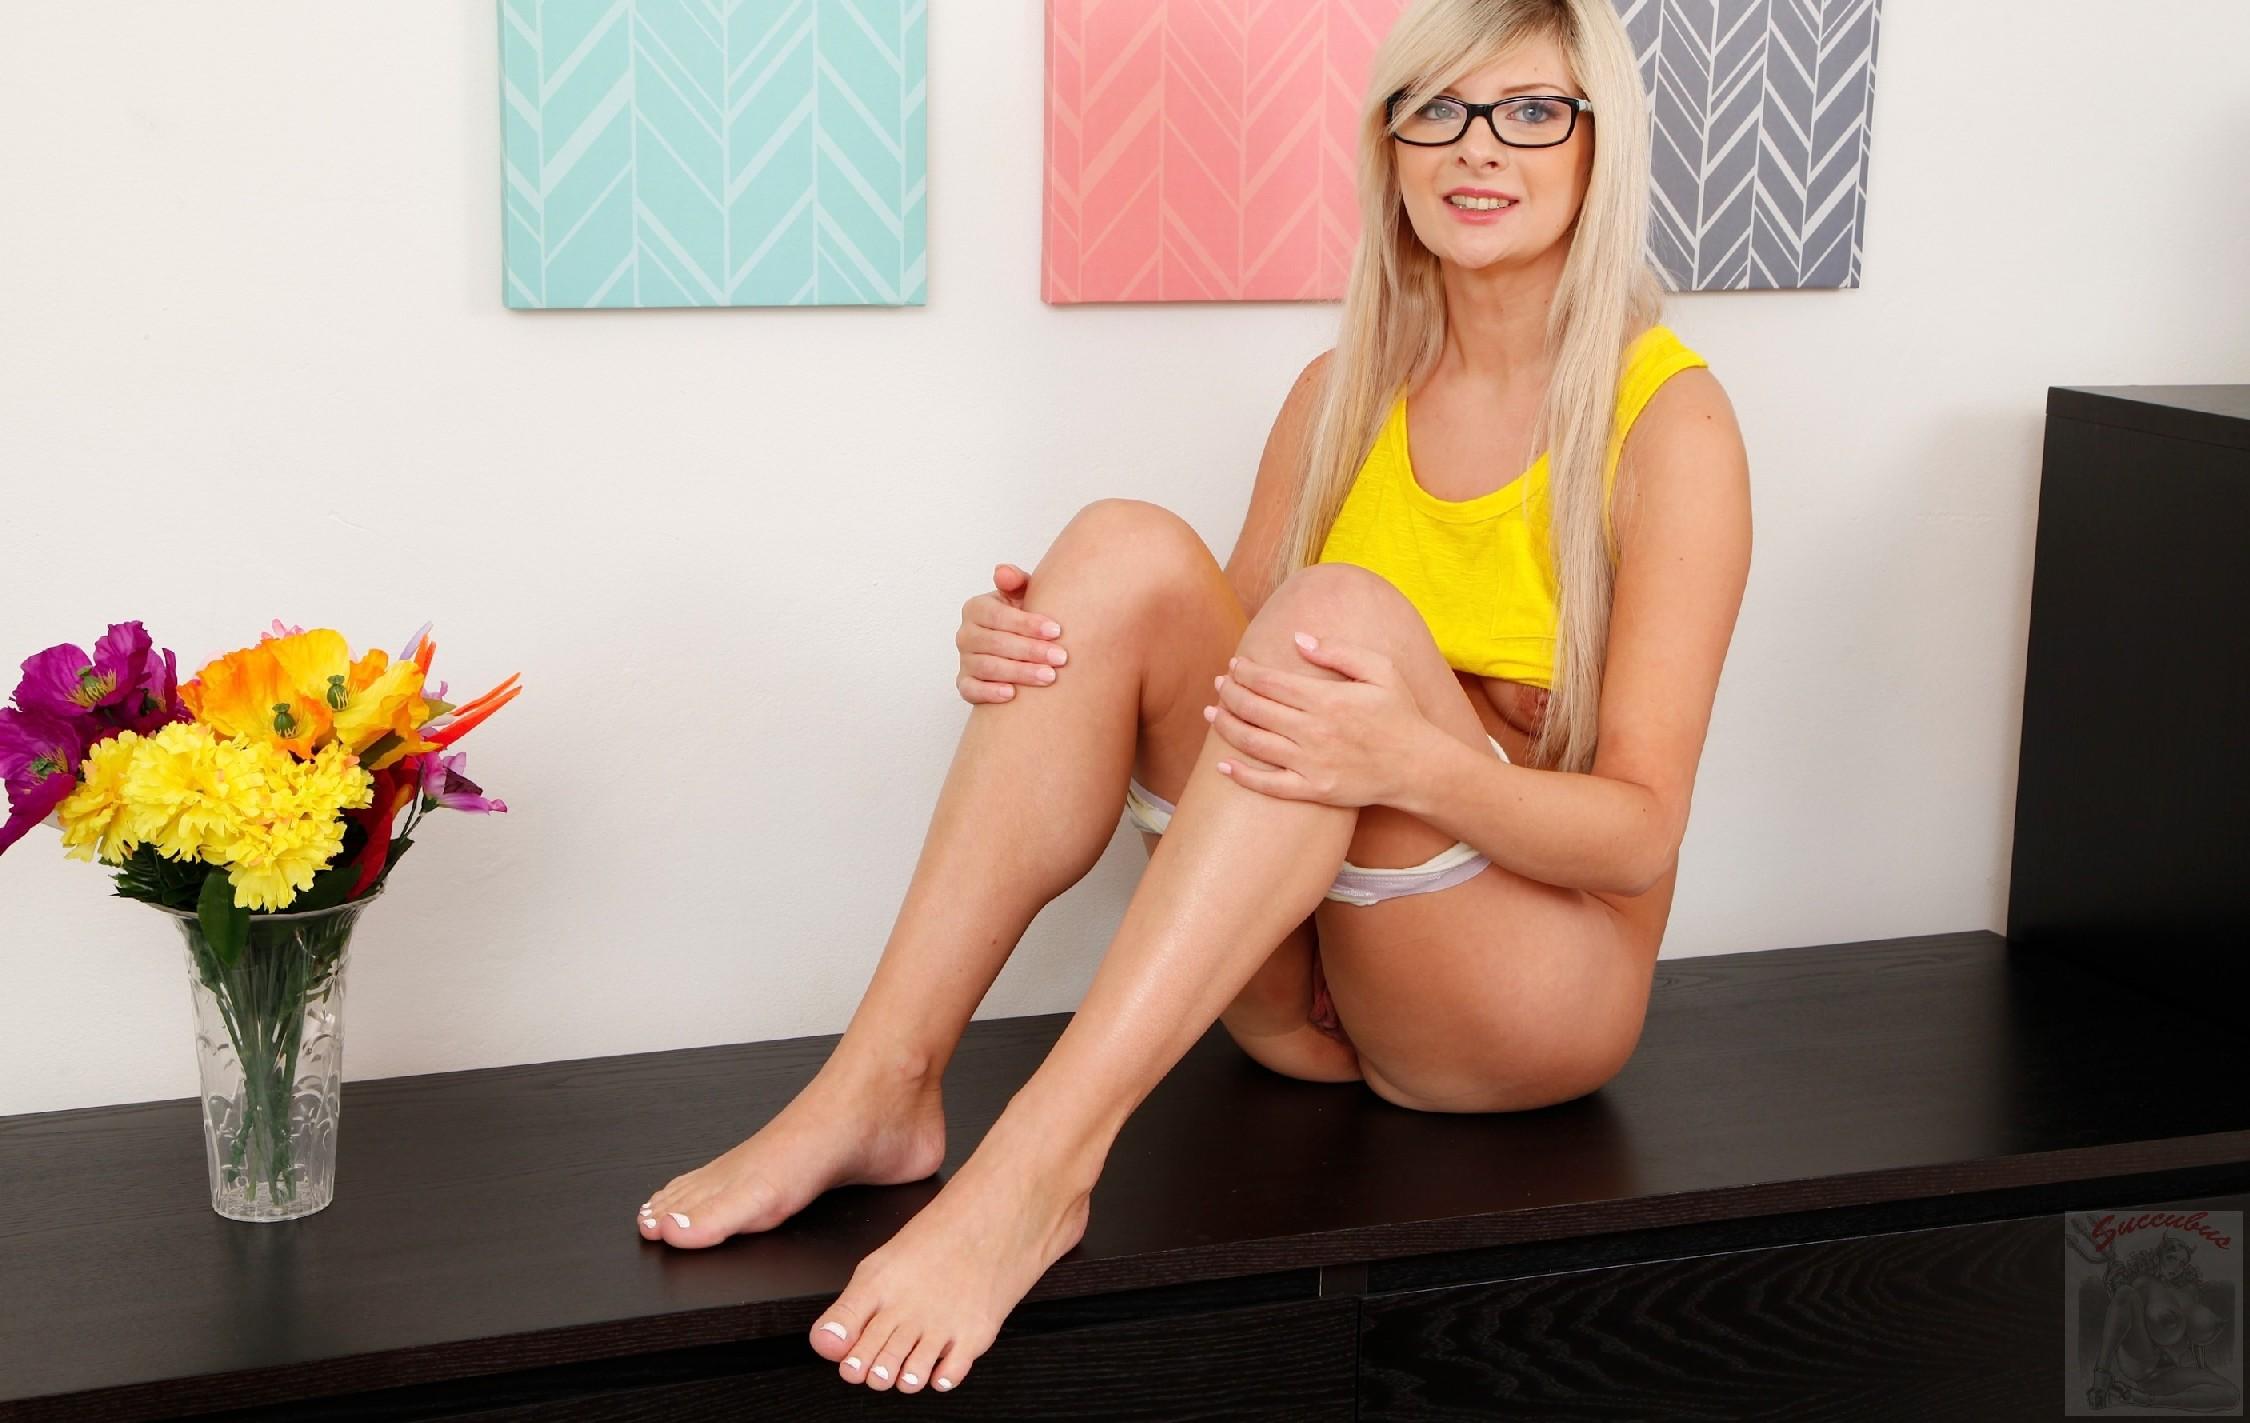 Натуральный бюст этой блондинки очень соблазнителен - она так и манит своей красотой